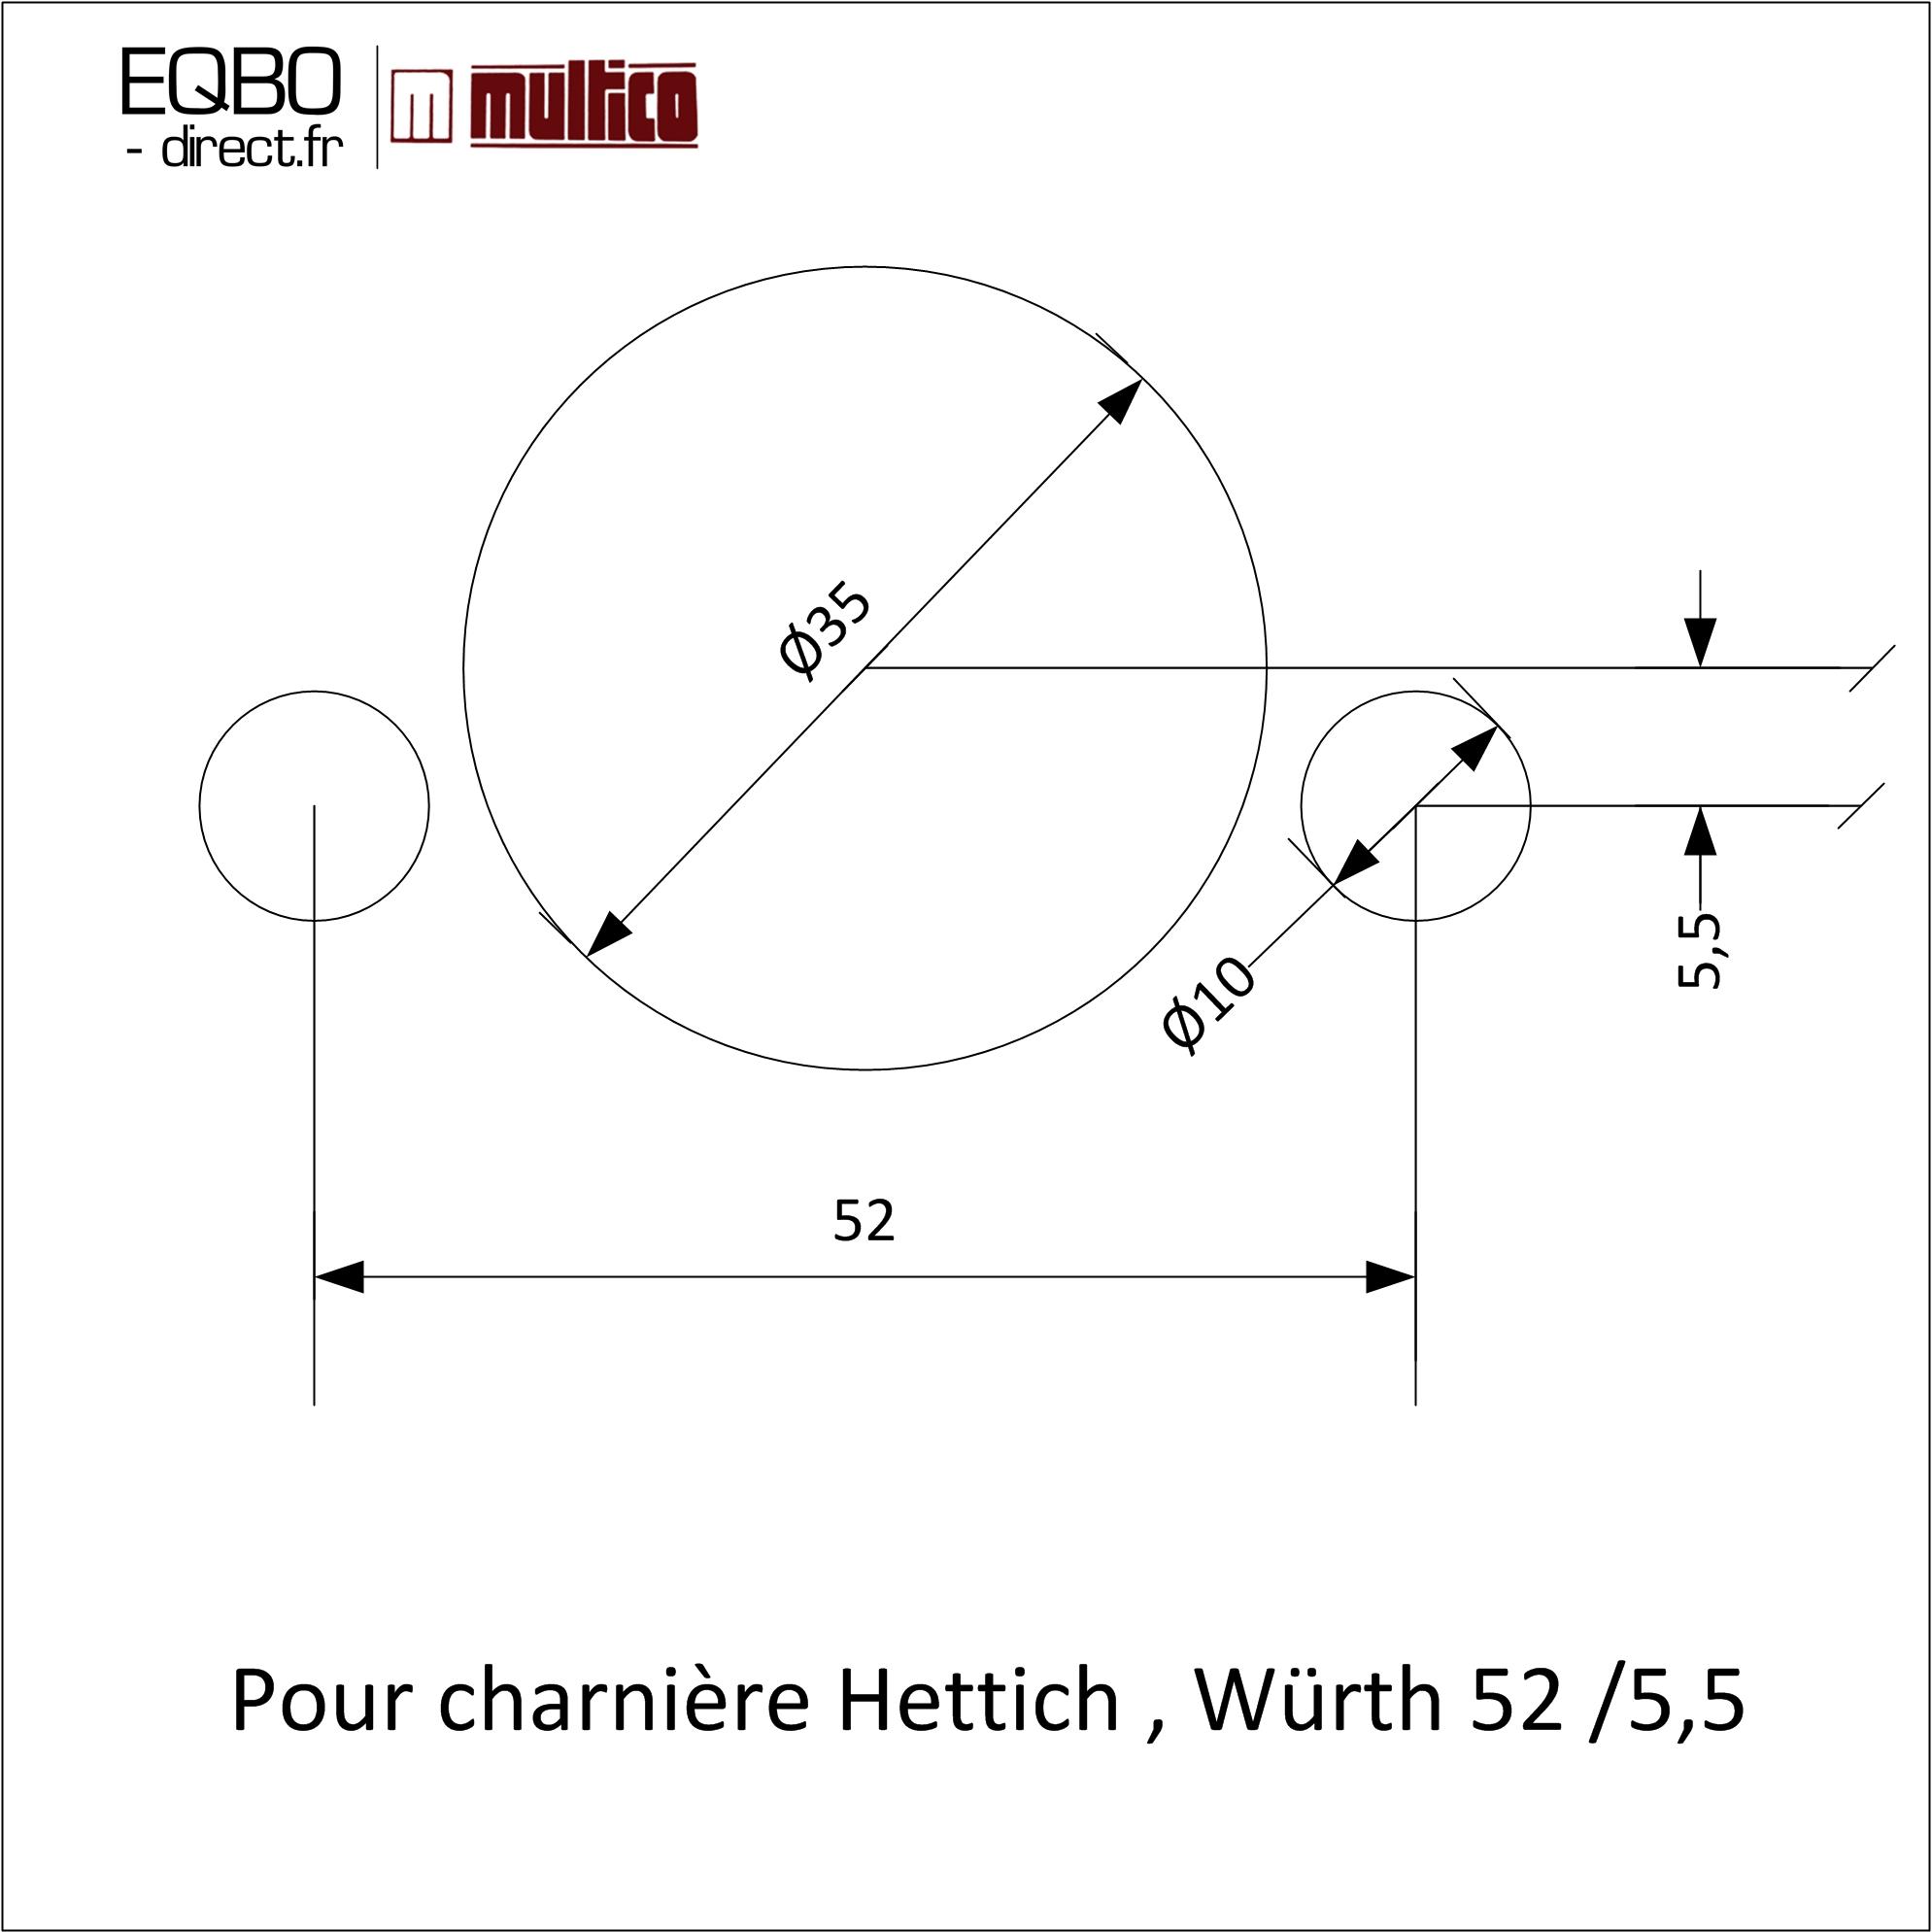 Charnière Hettich